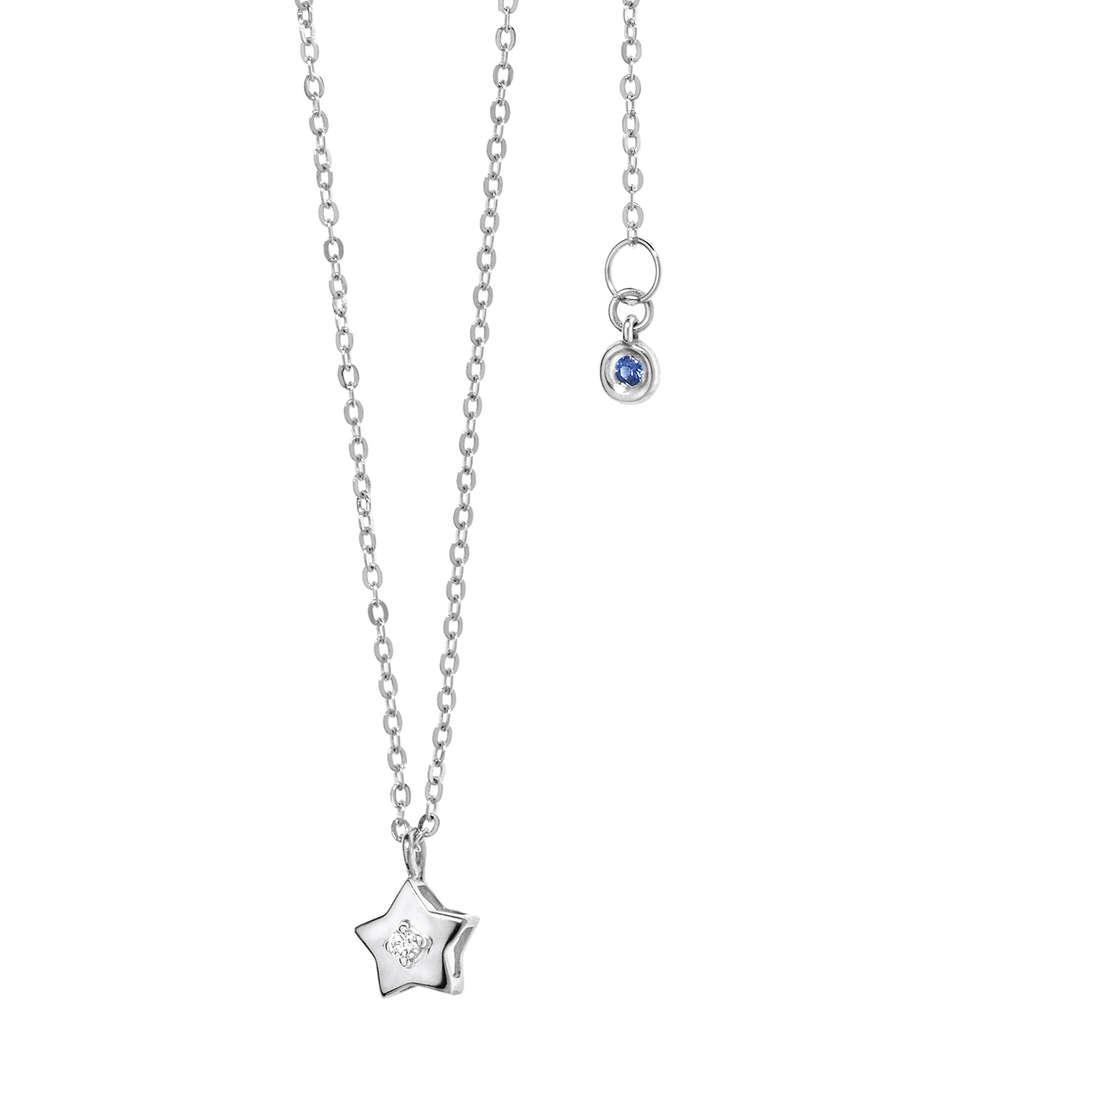 collana donna gioielli Comete Pietre preziose colorate GLB 887